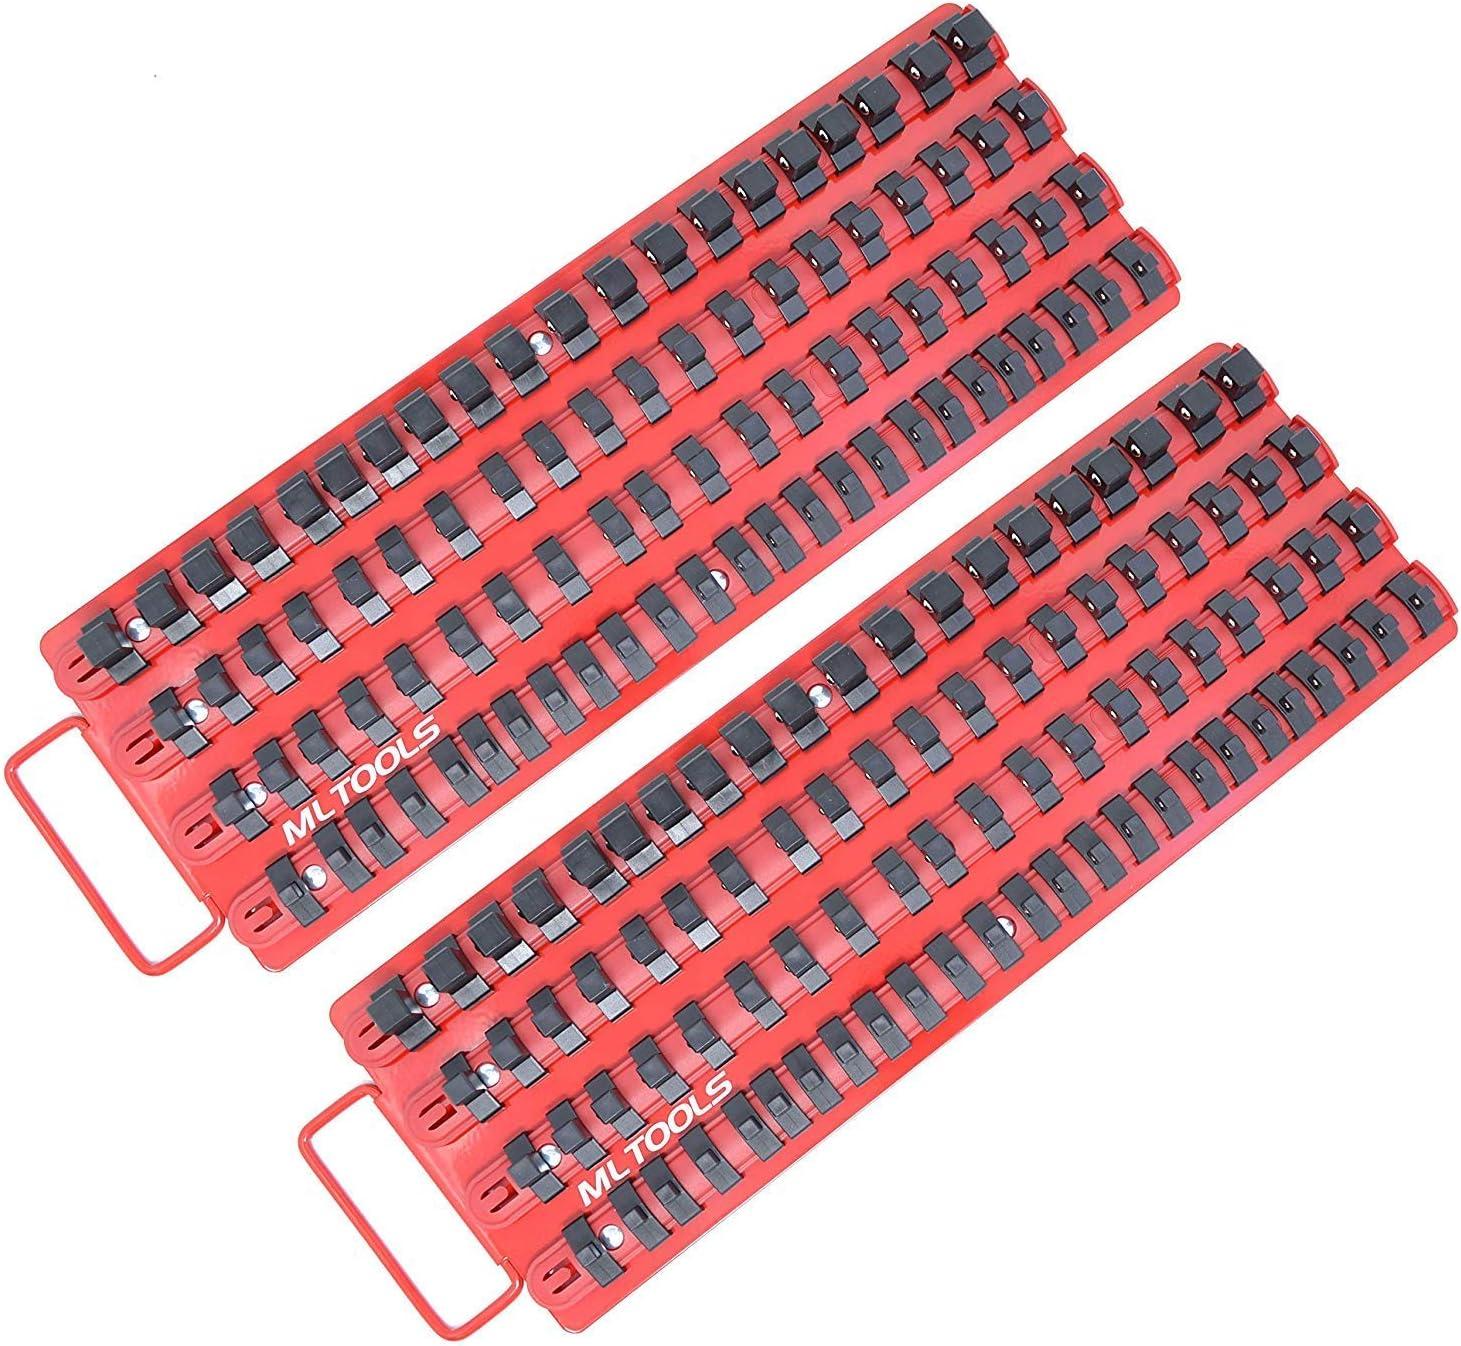 MLTOOLS Socket Organizer2 PackHolds 170 SocketsBall Bearing Clips